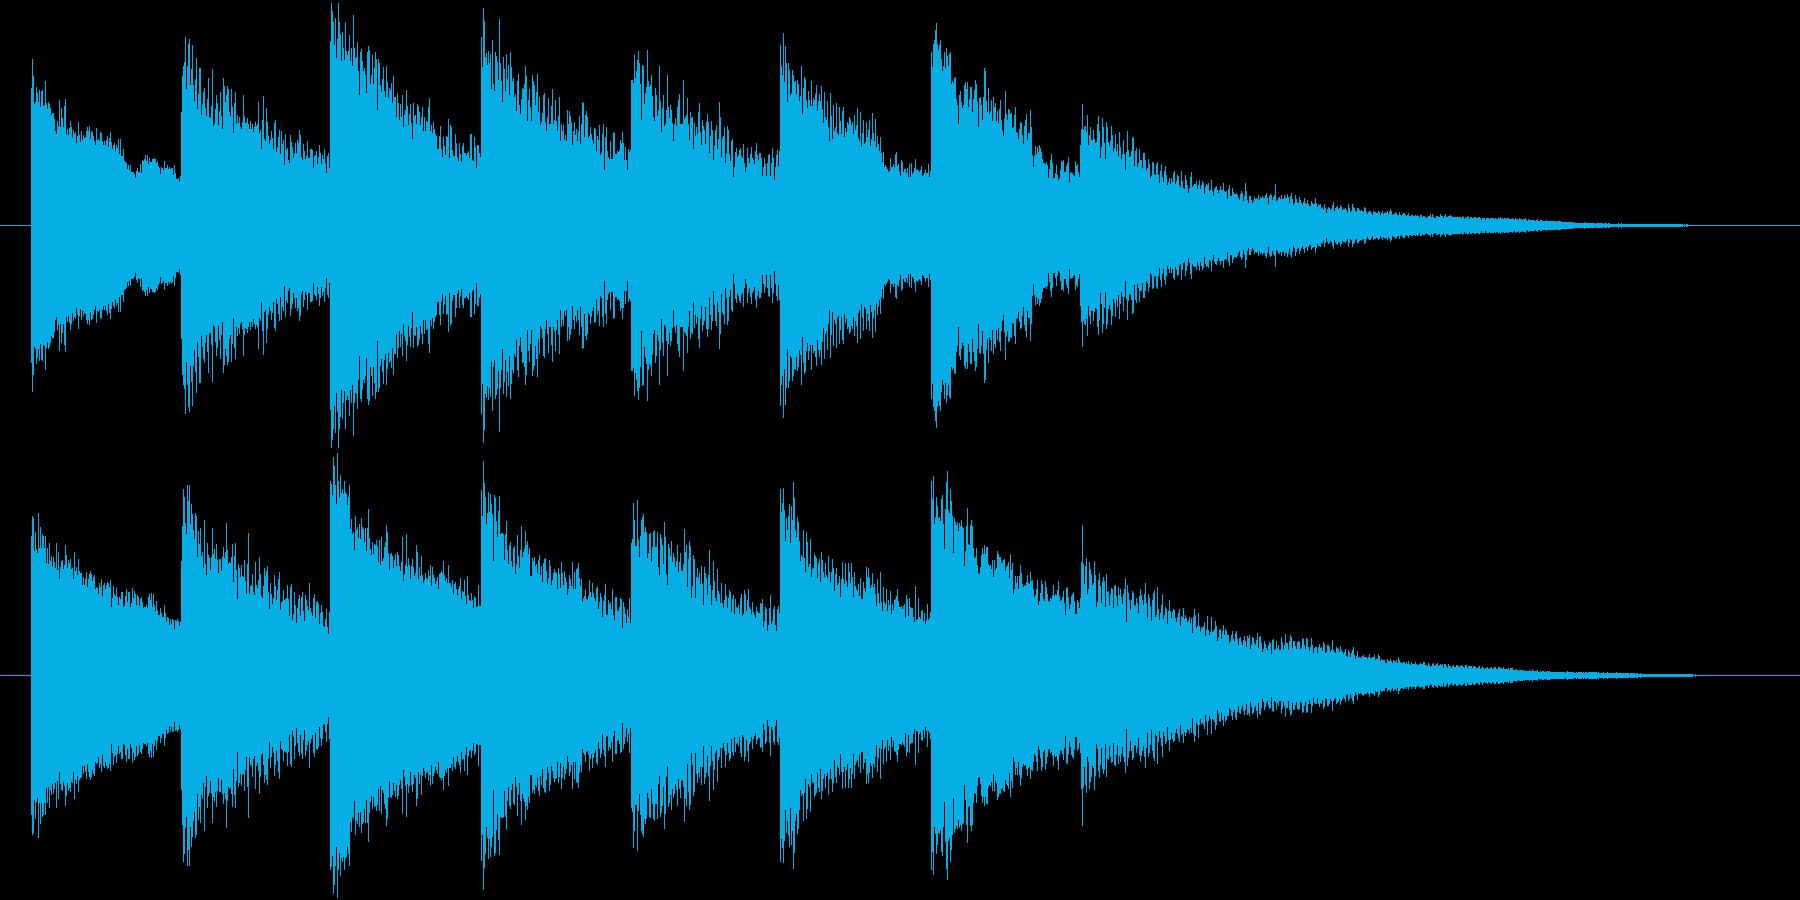 ホラー・不穏なベルの音2の再生済みの波形